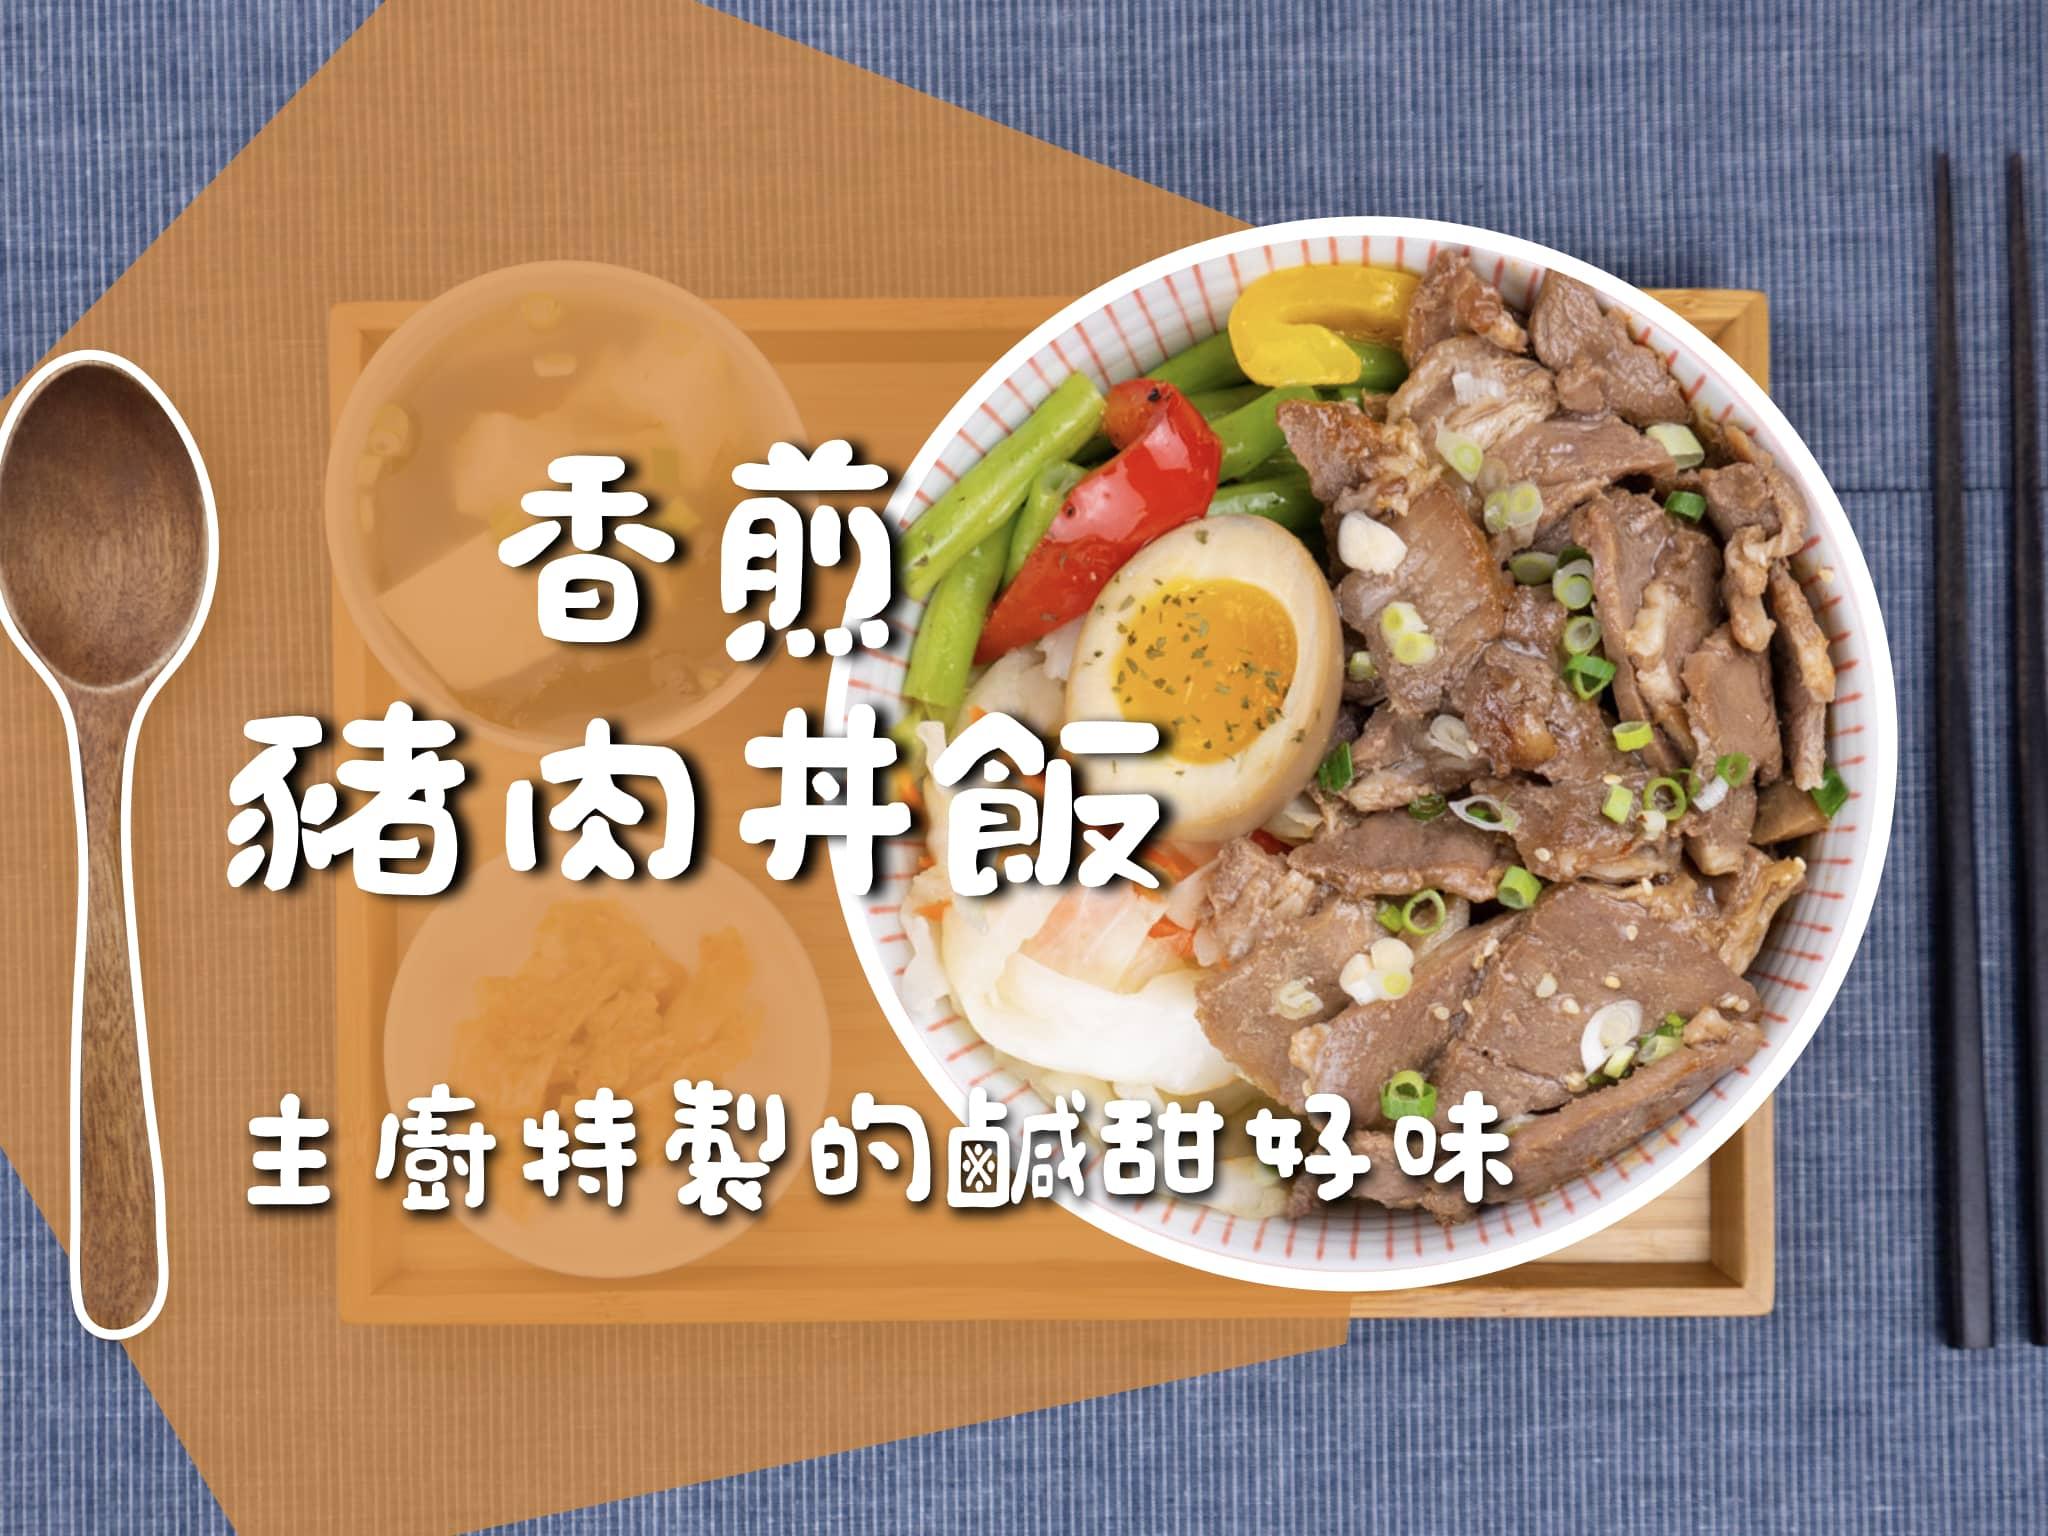 禾火餐點|鹿港必吃美食-香煎豬肉丼飯,特製日式醬汁的鹹甜好味